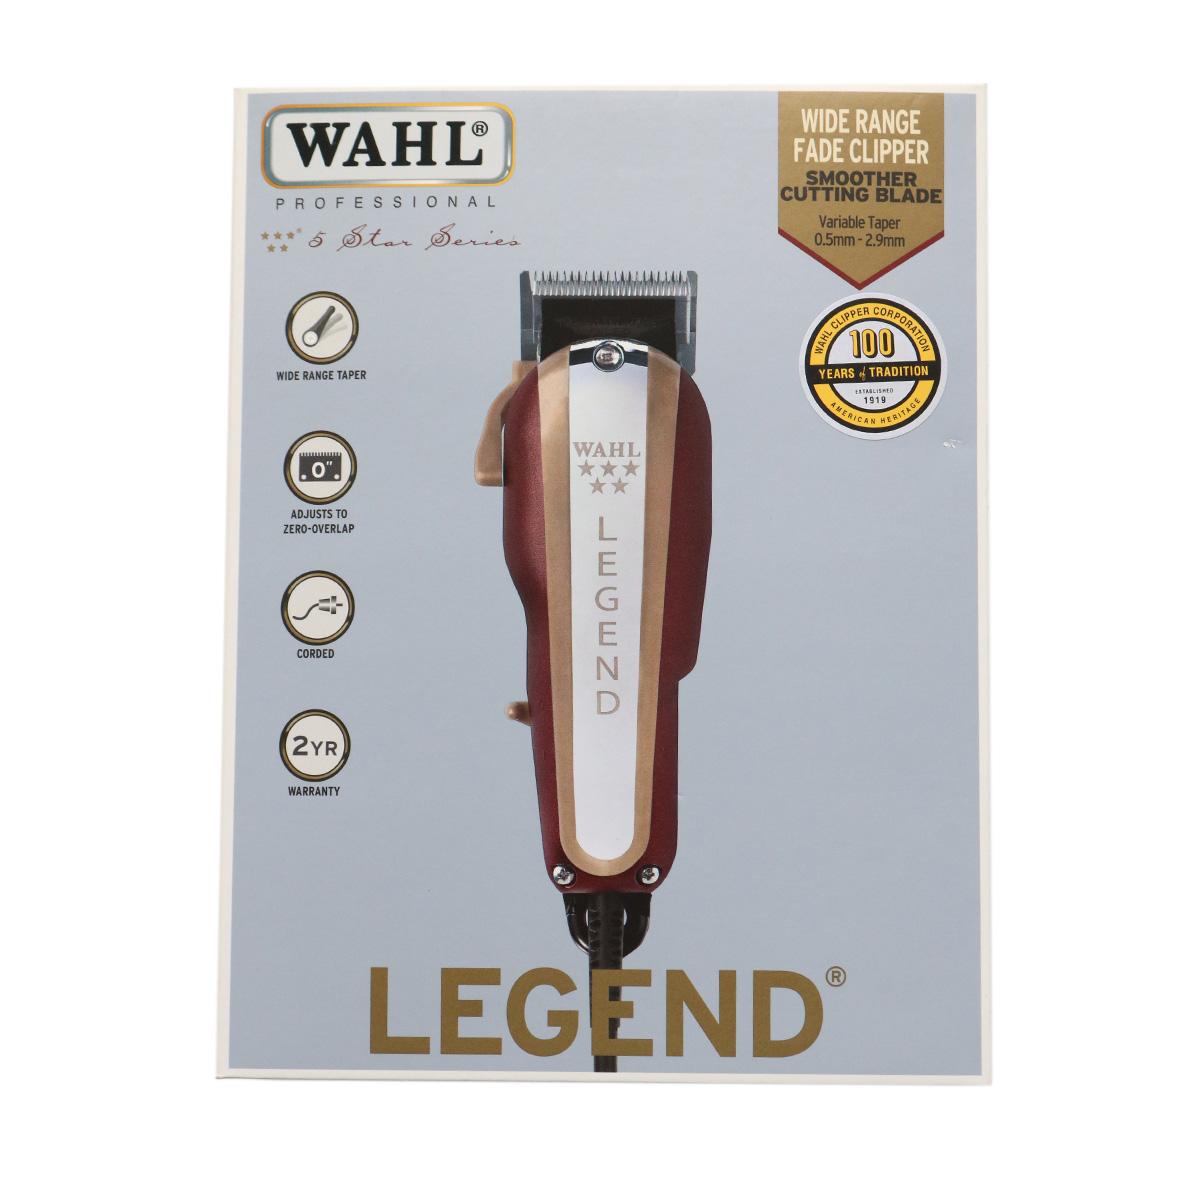 wahl-legend